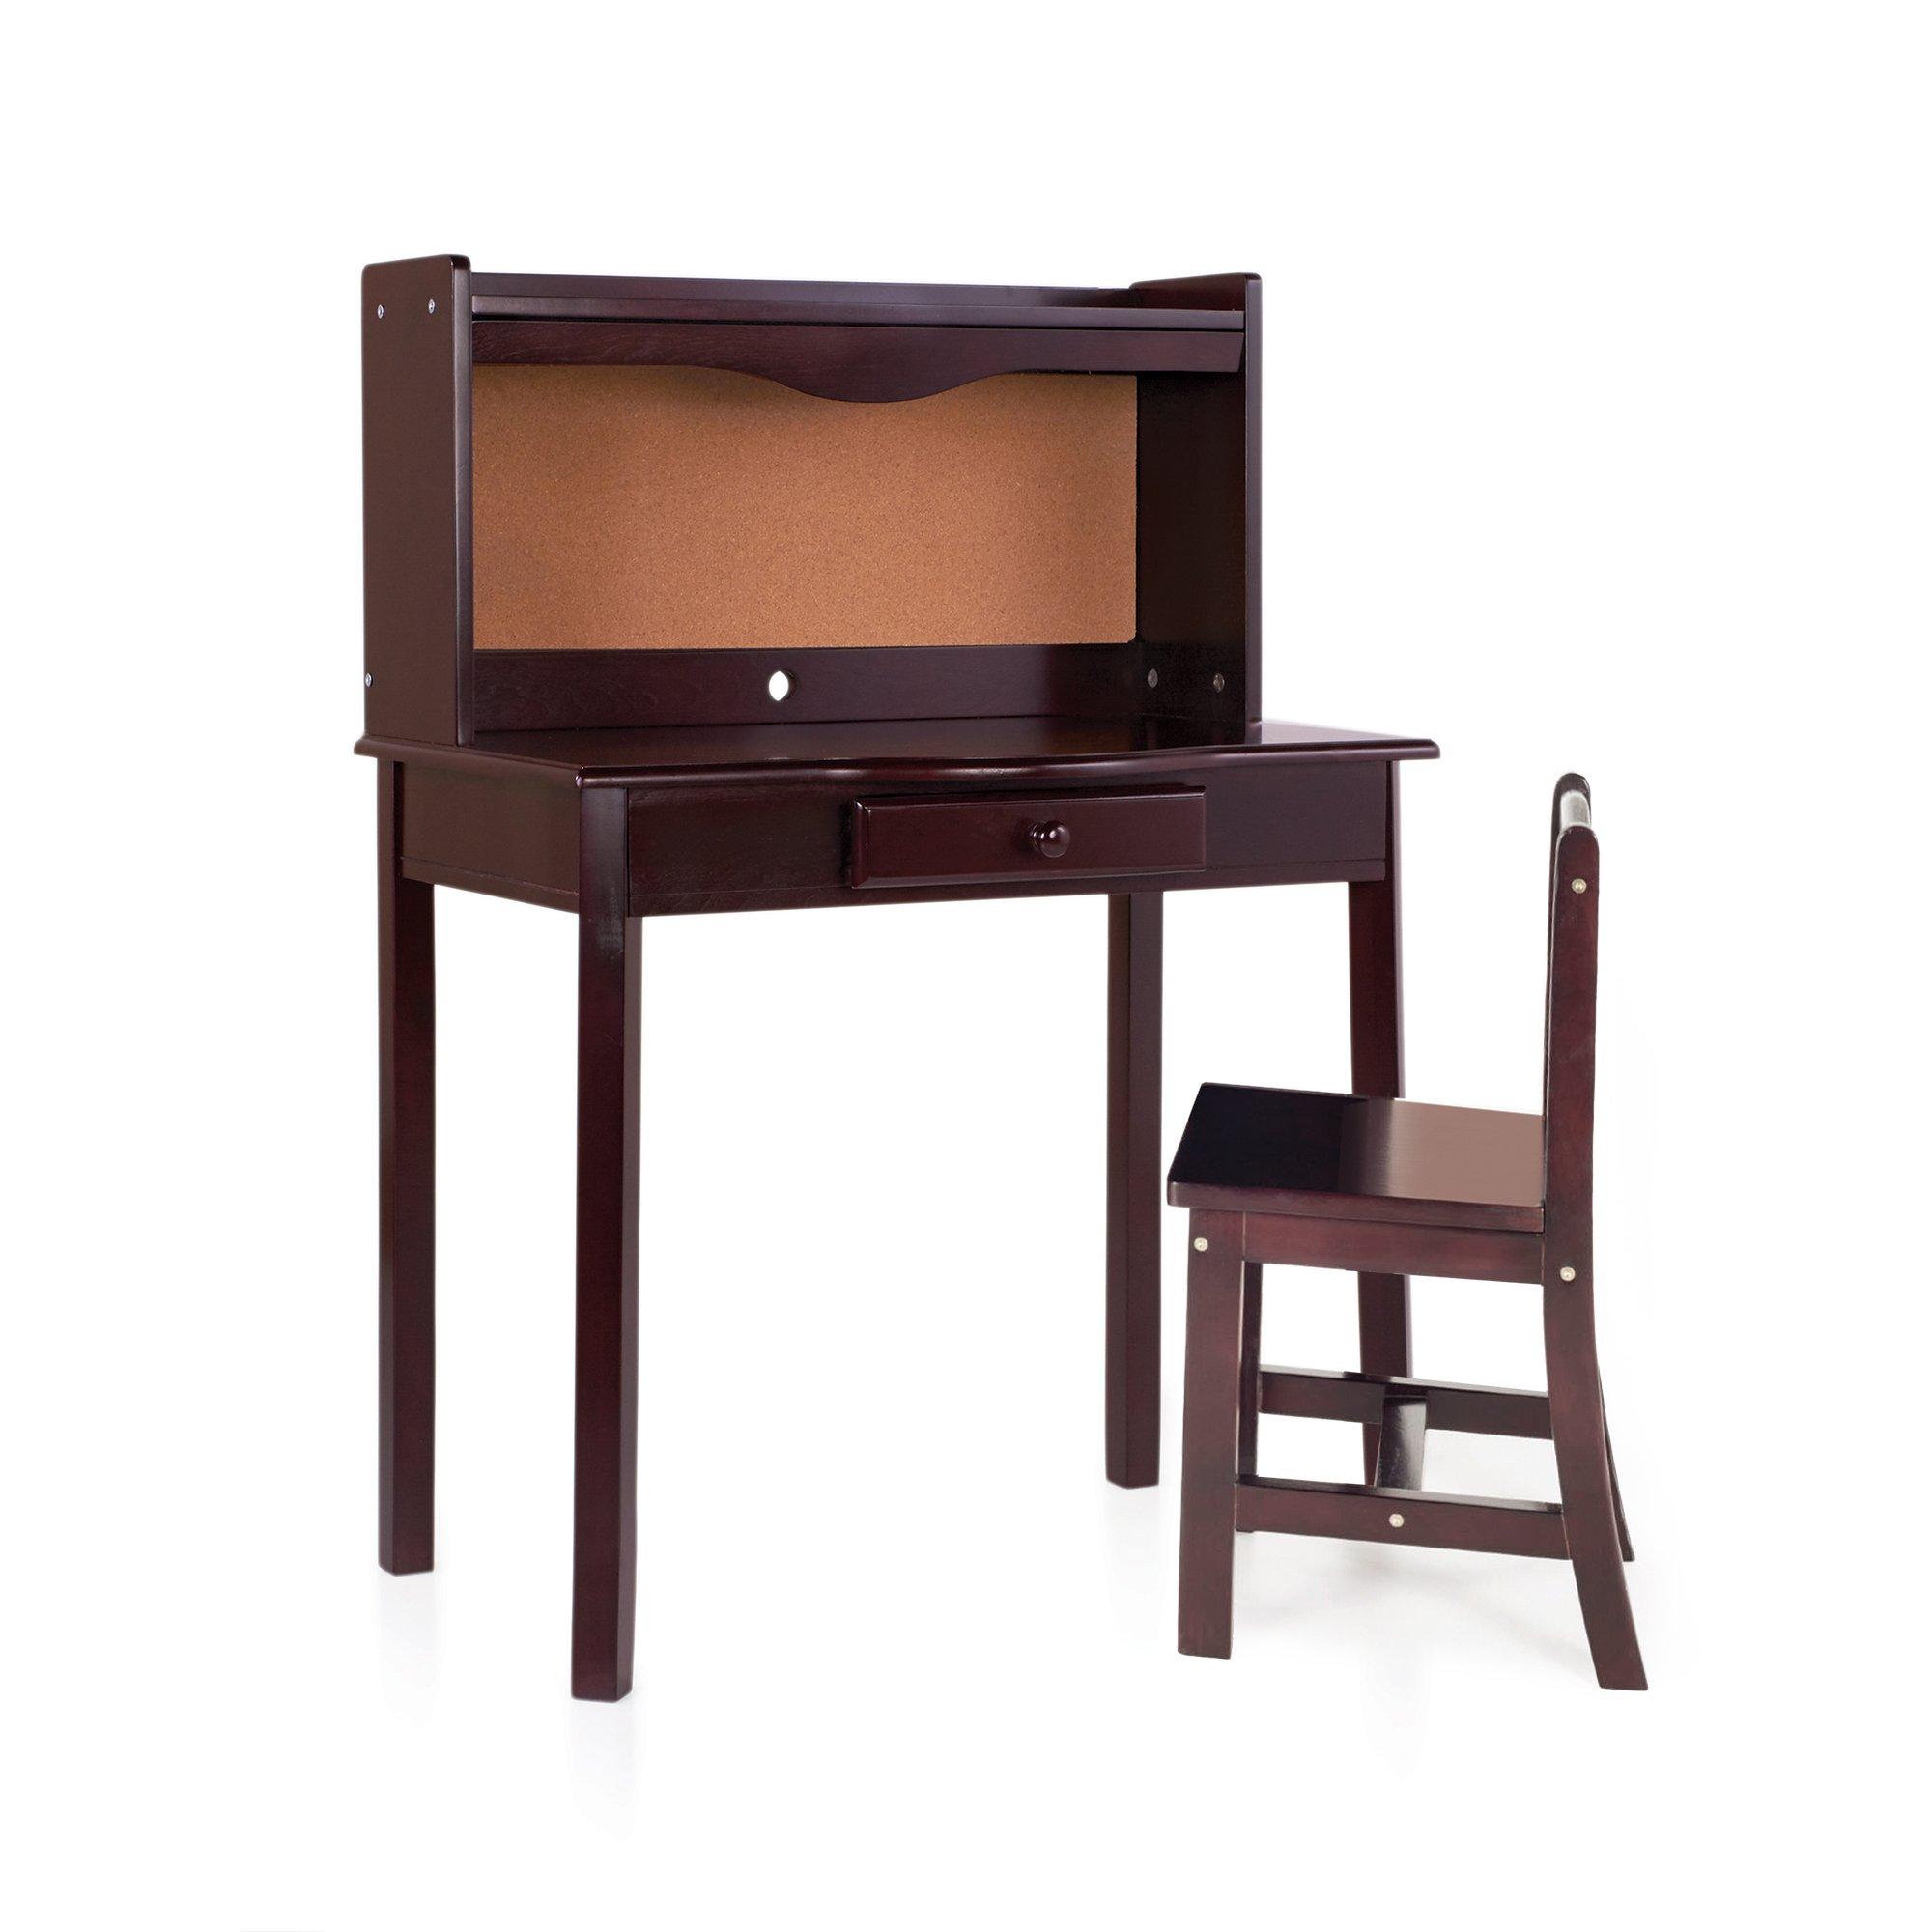 Guidecraft Classic Espresso Children's Desk, Wood Furniture